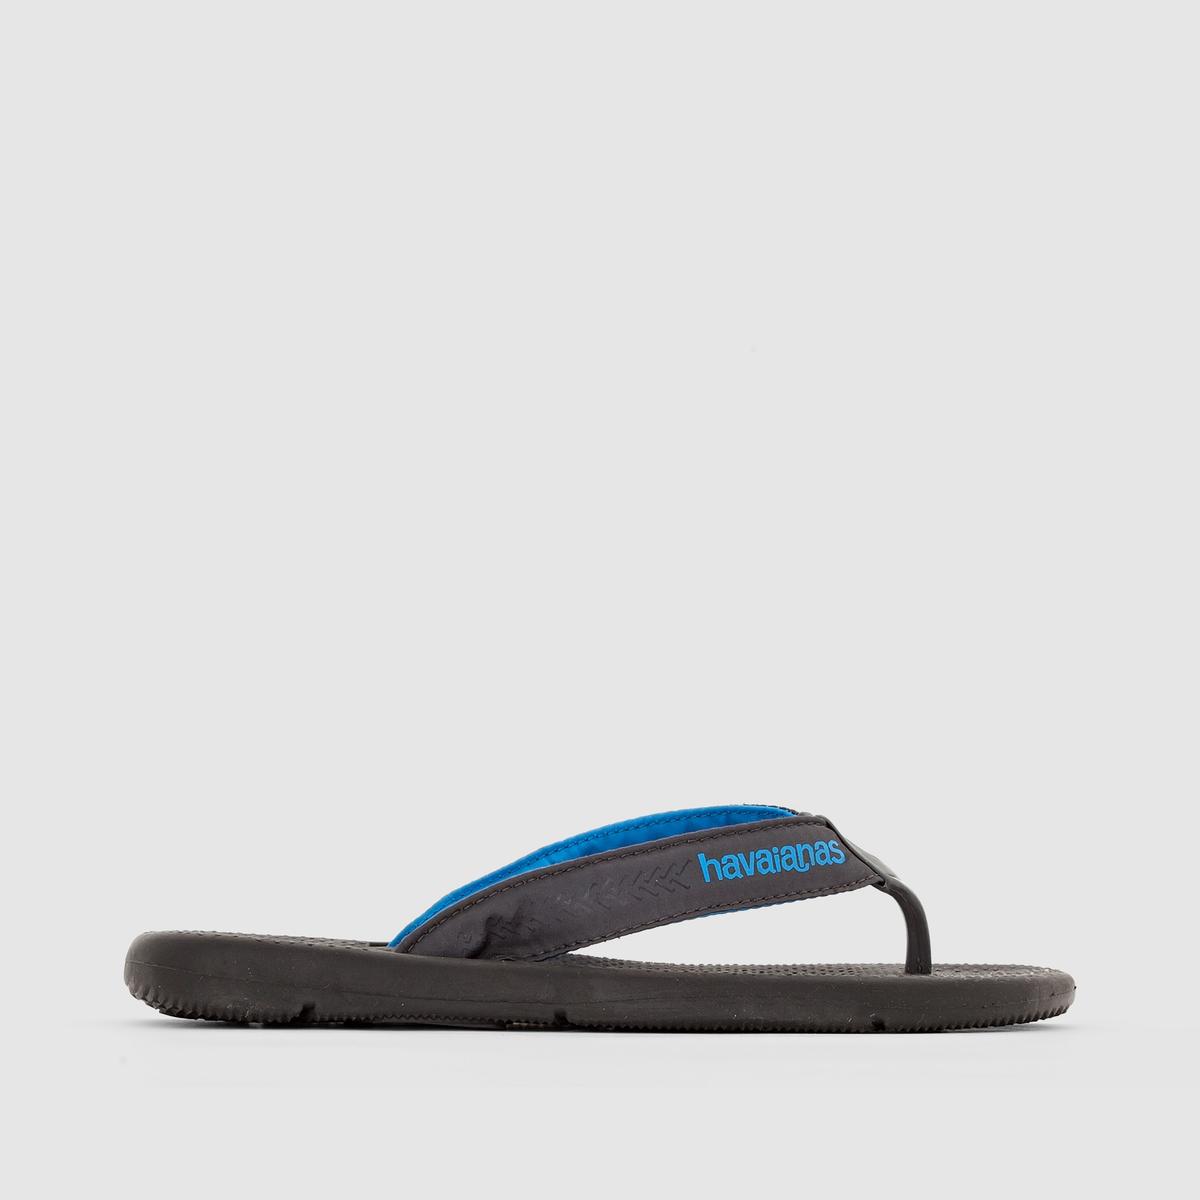 Вьетнамки Surf ProВерх : каучук   Стелька : каучук   Подошва : каучук   Высота каблука : плоский   Форма каблука : плоский каблук   Мысок : открытый мысок   Застежка : без застежки<br><br>Цвет: черный<br>Размер: 39/40